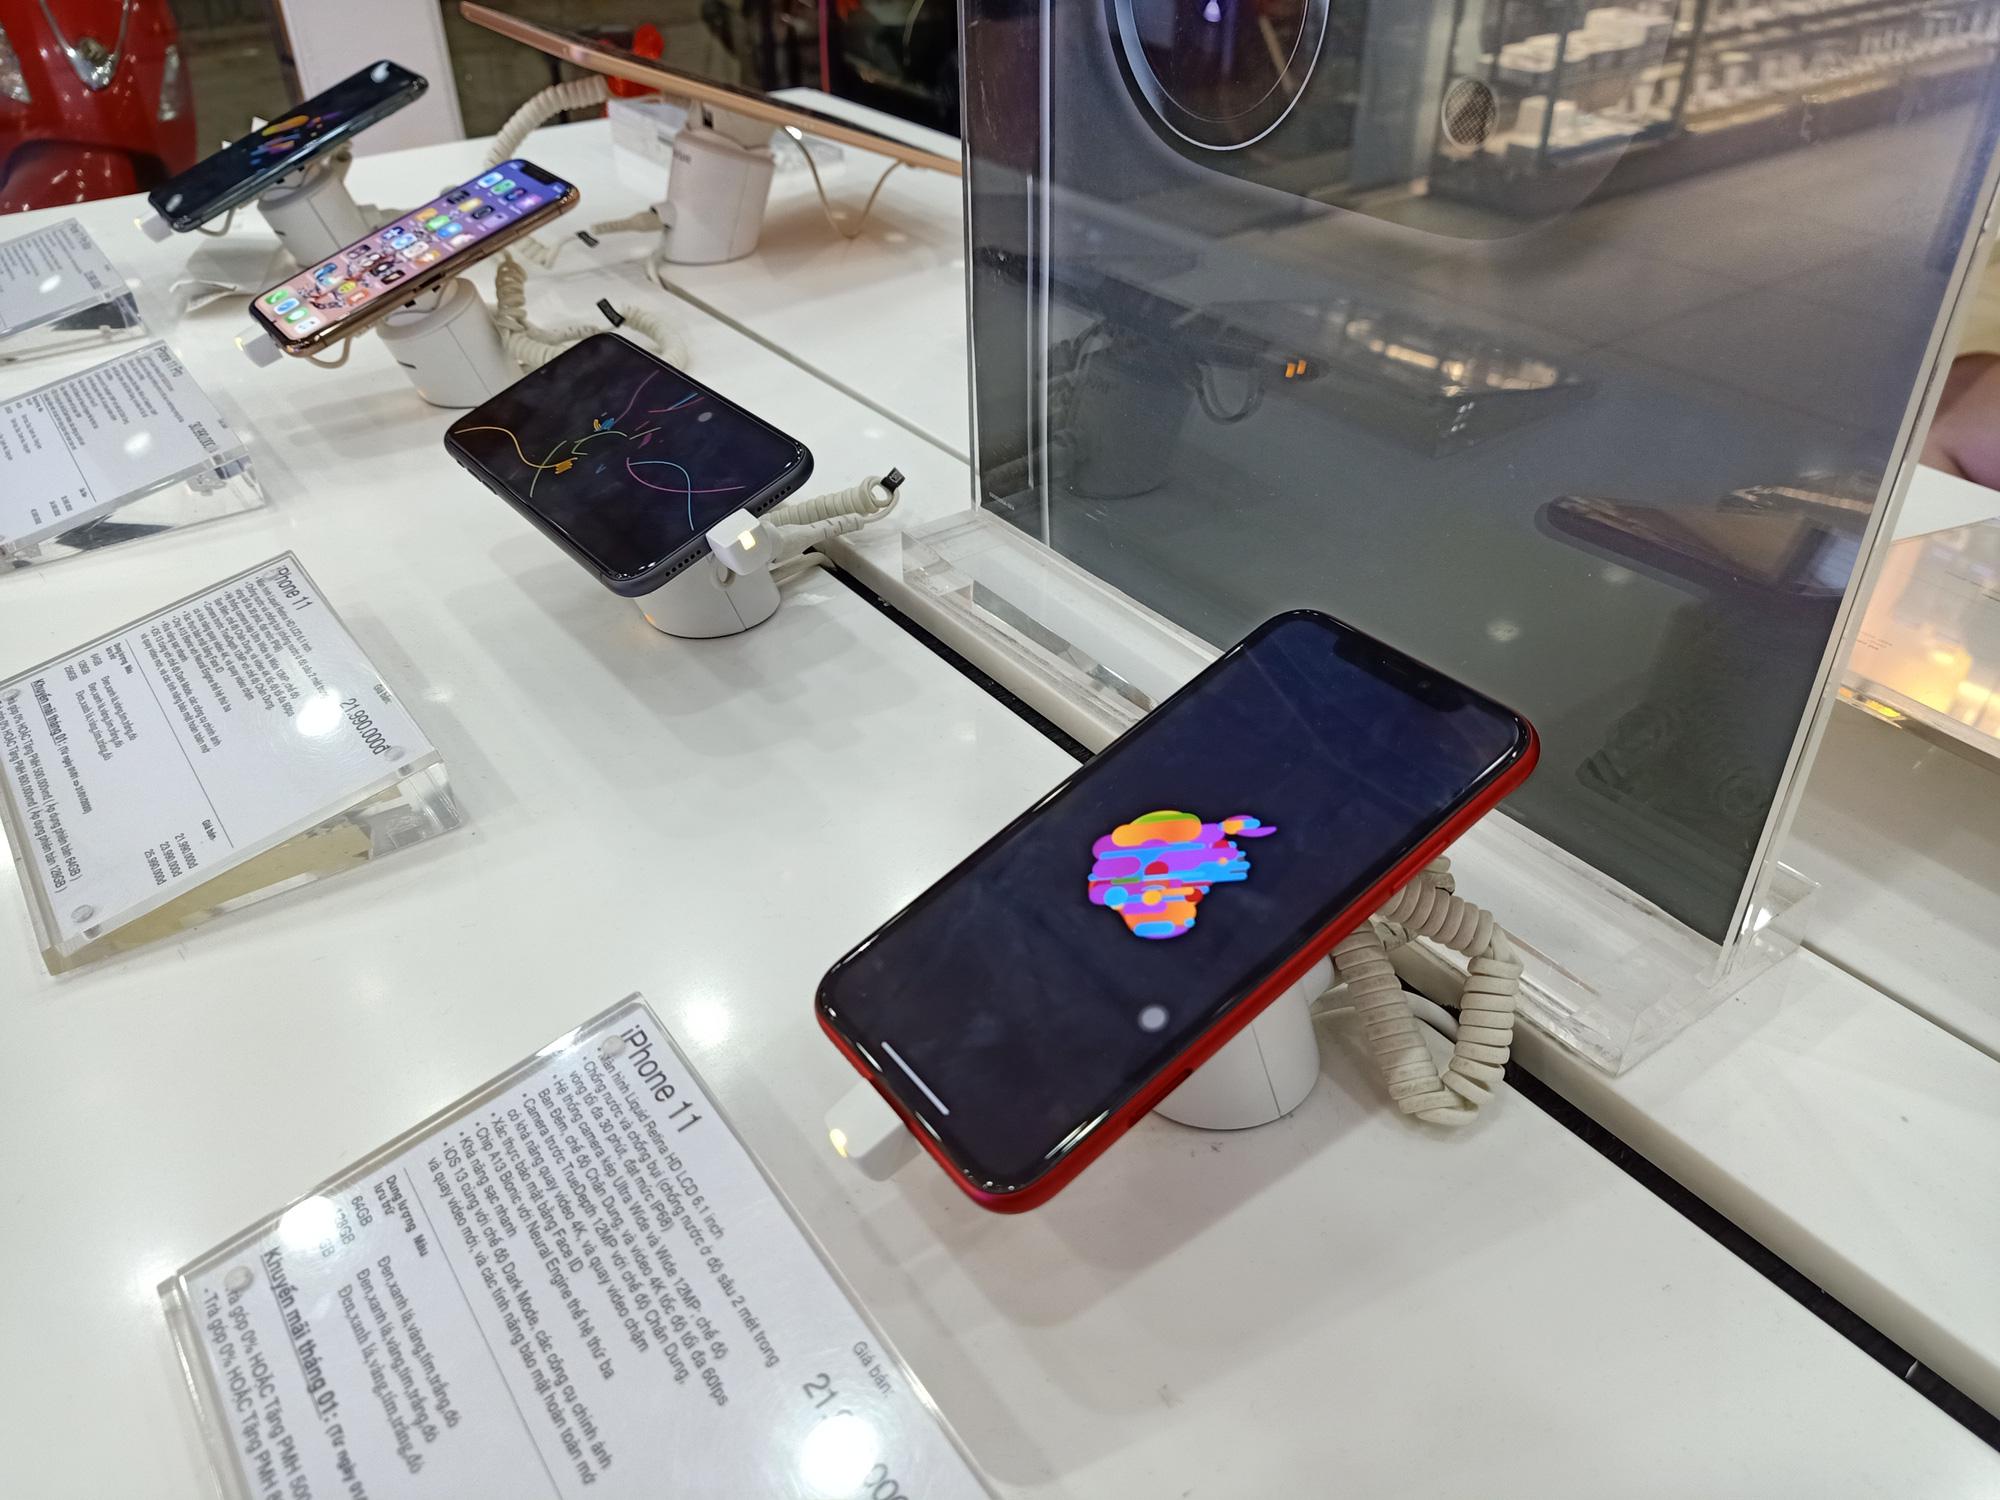 Điện thoại giảm giá tuần này: Android có nhiều ưu đãi hơn iPhone - Ảnh 1.